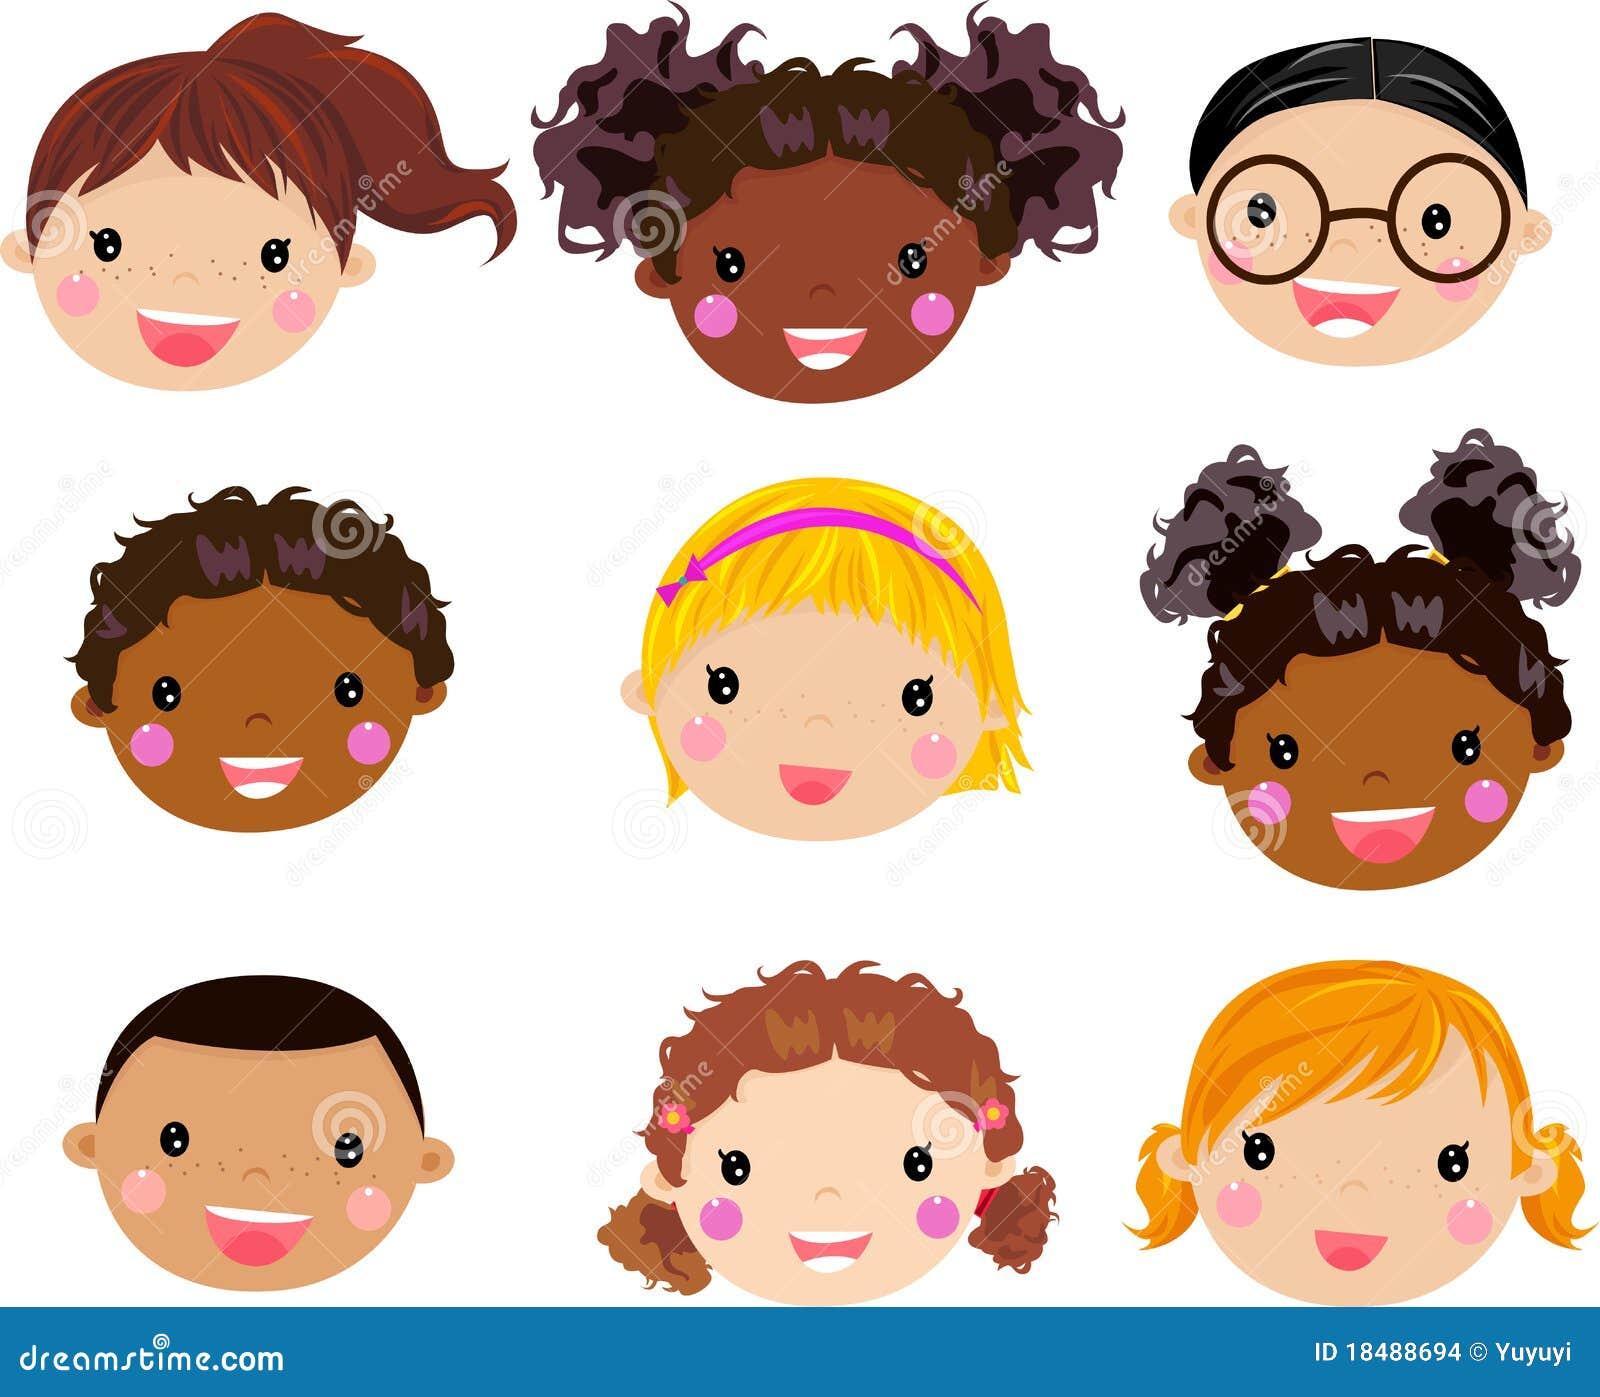 Bien connu Visage D'enfants De Dessin Animé Images stock - Image: 18488694 CD54